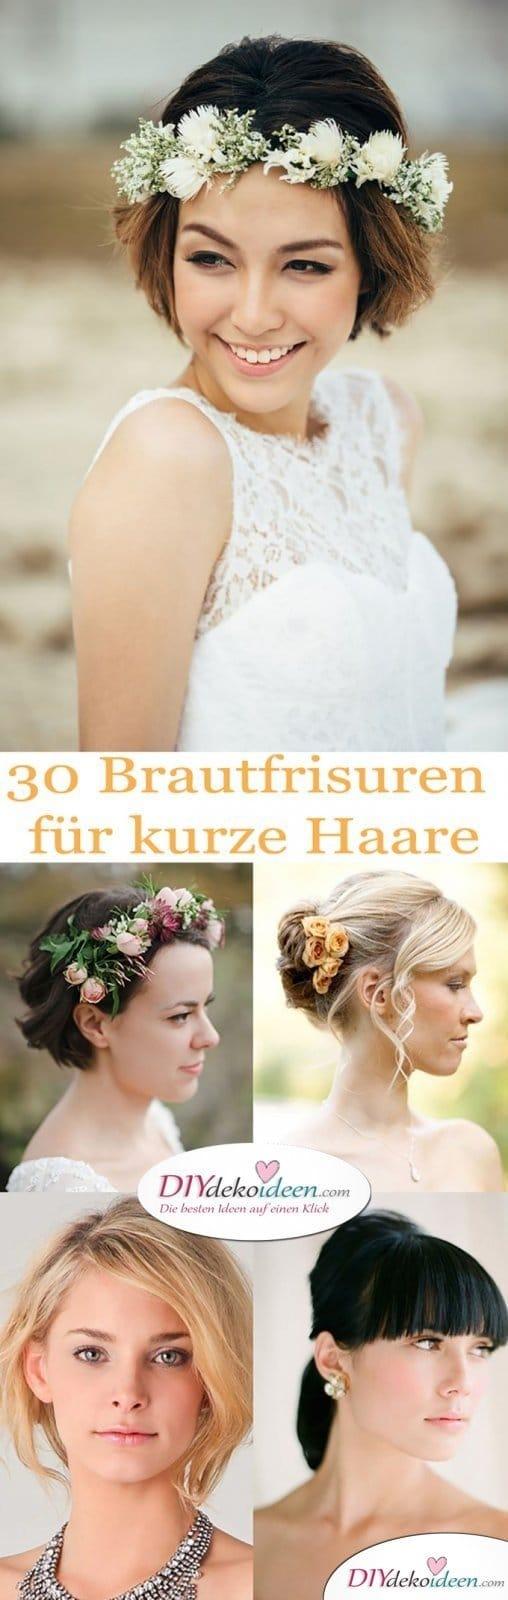 Die 27 Besten Bilder Zu Brautfrisur Kurze Haare Brautfrisur